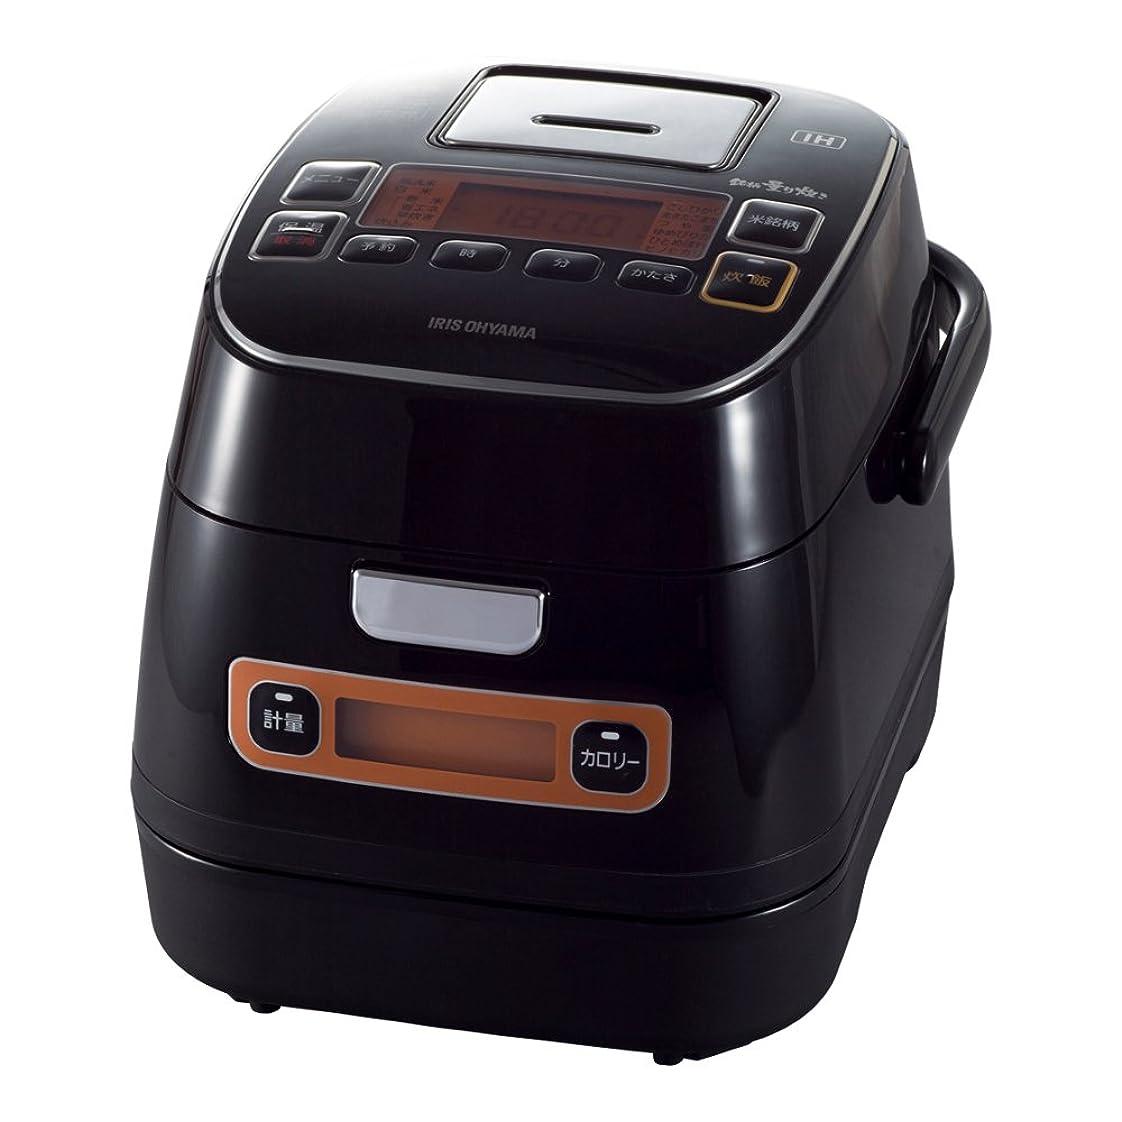 予測子脚薬剤師アイリスオーヤマ 炊飯器 IH 3合 銘柄量り炊き カロリー計算機能付き 米屋の旨み ブラック RC-IA31-B